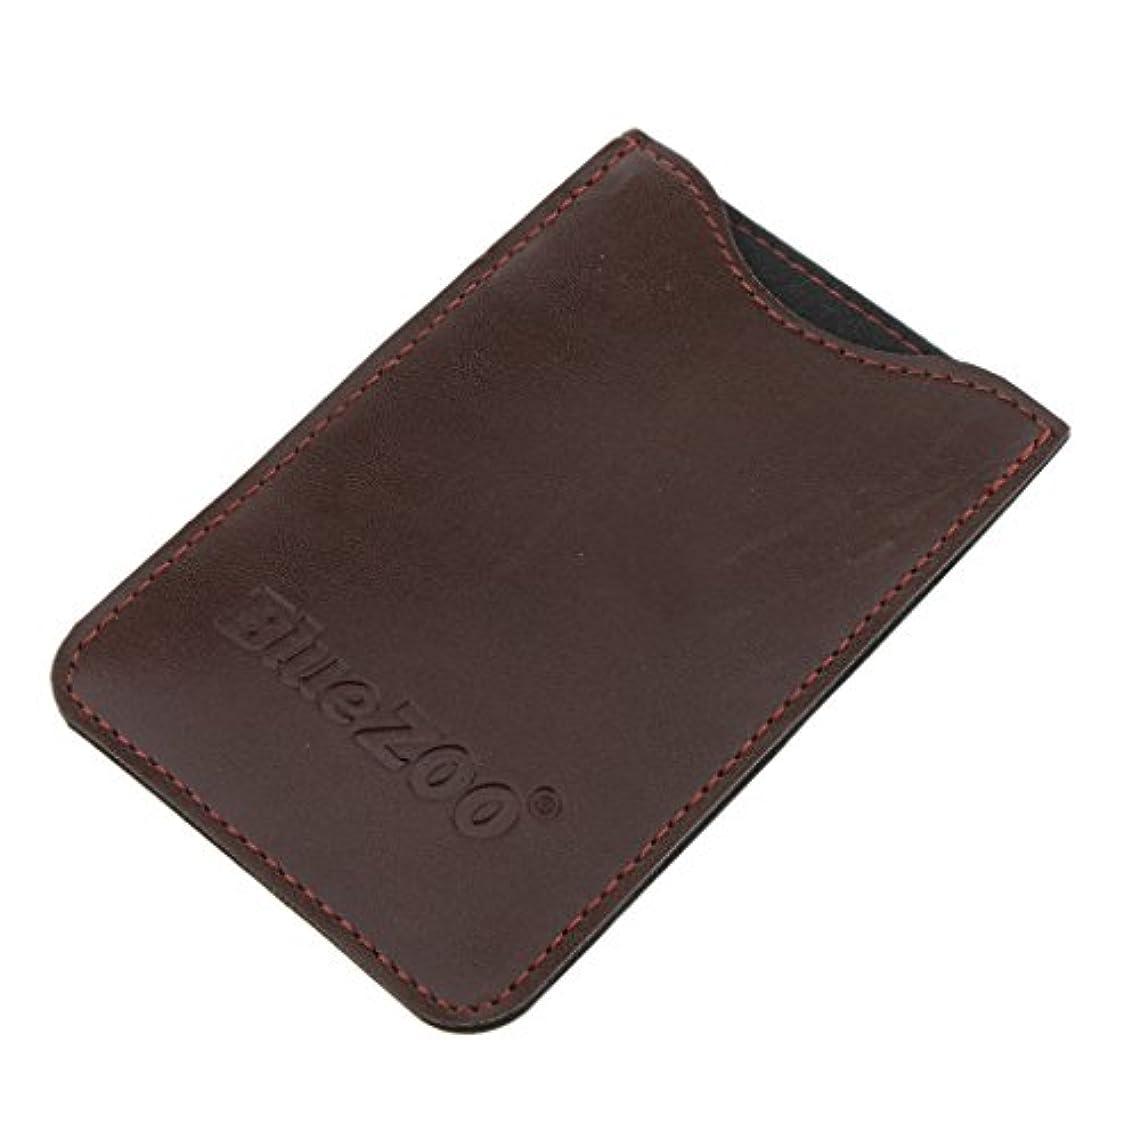 スリッパ走る放出コンビバッグ PUレザー 櫛バッグ ポケット オーガナイザー 収納ケース 保護カバー パック 全2色 - 褐色